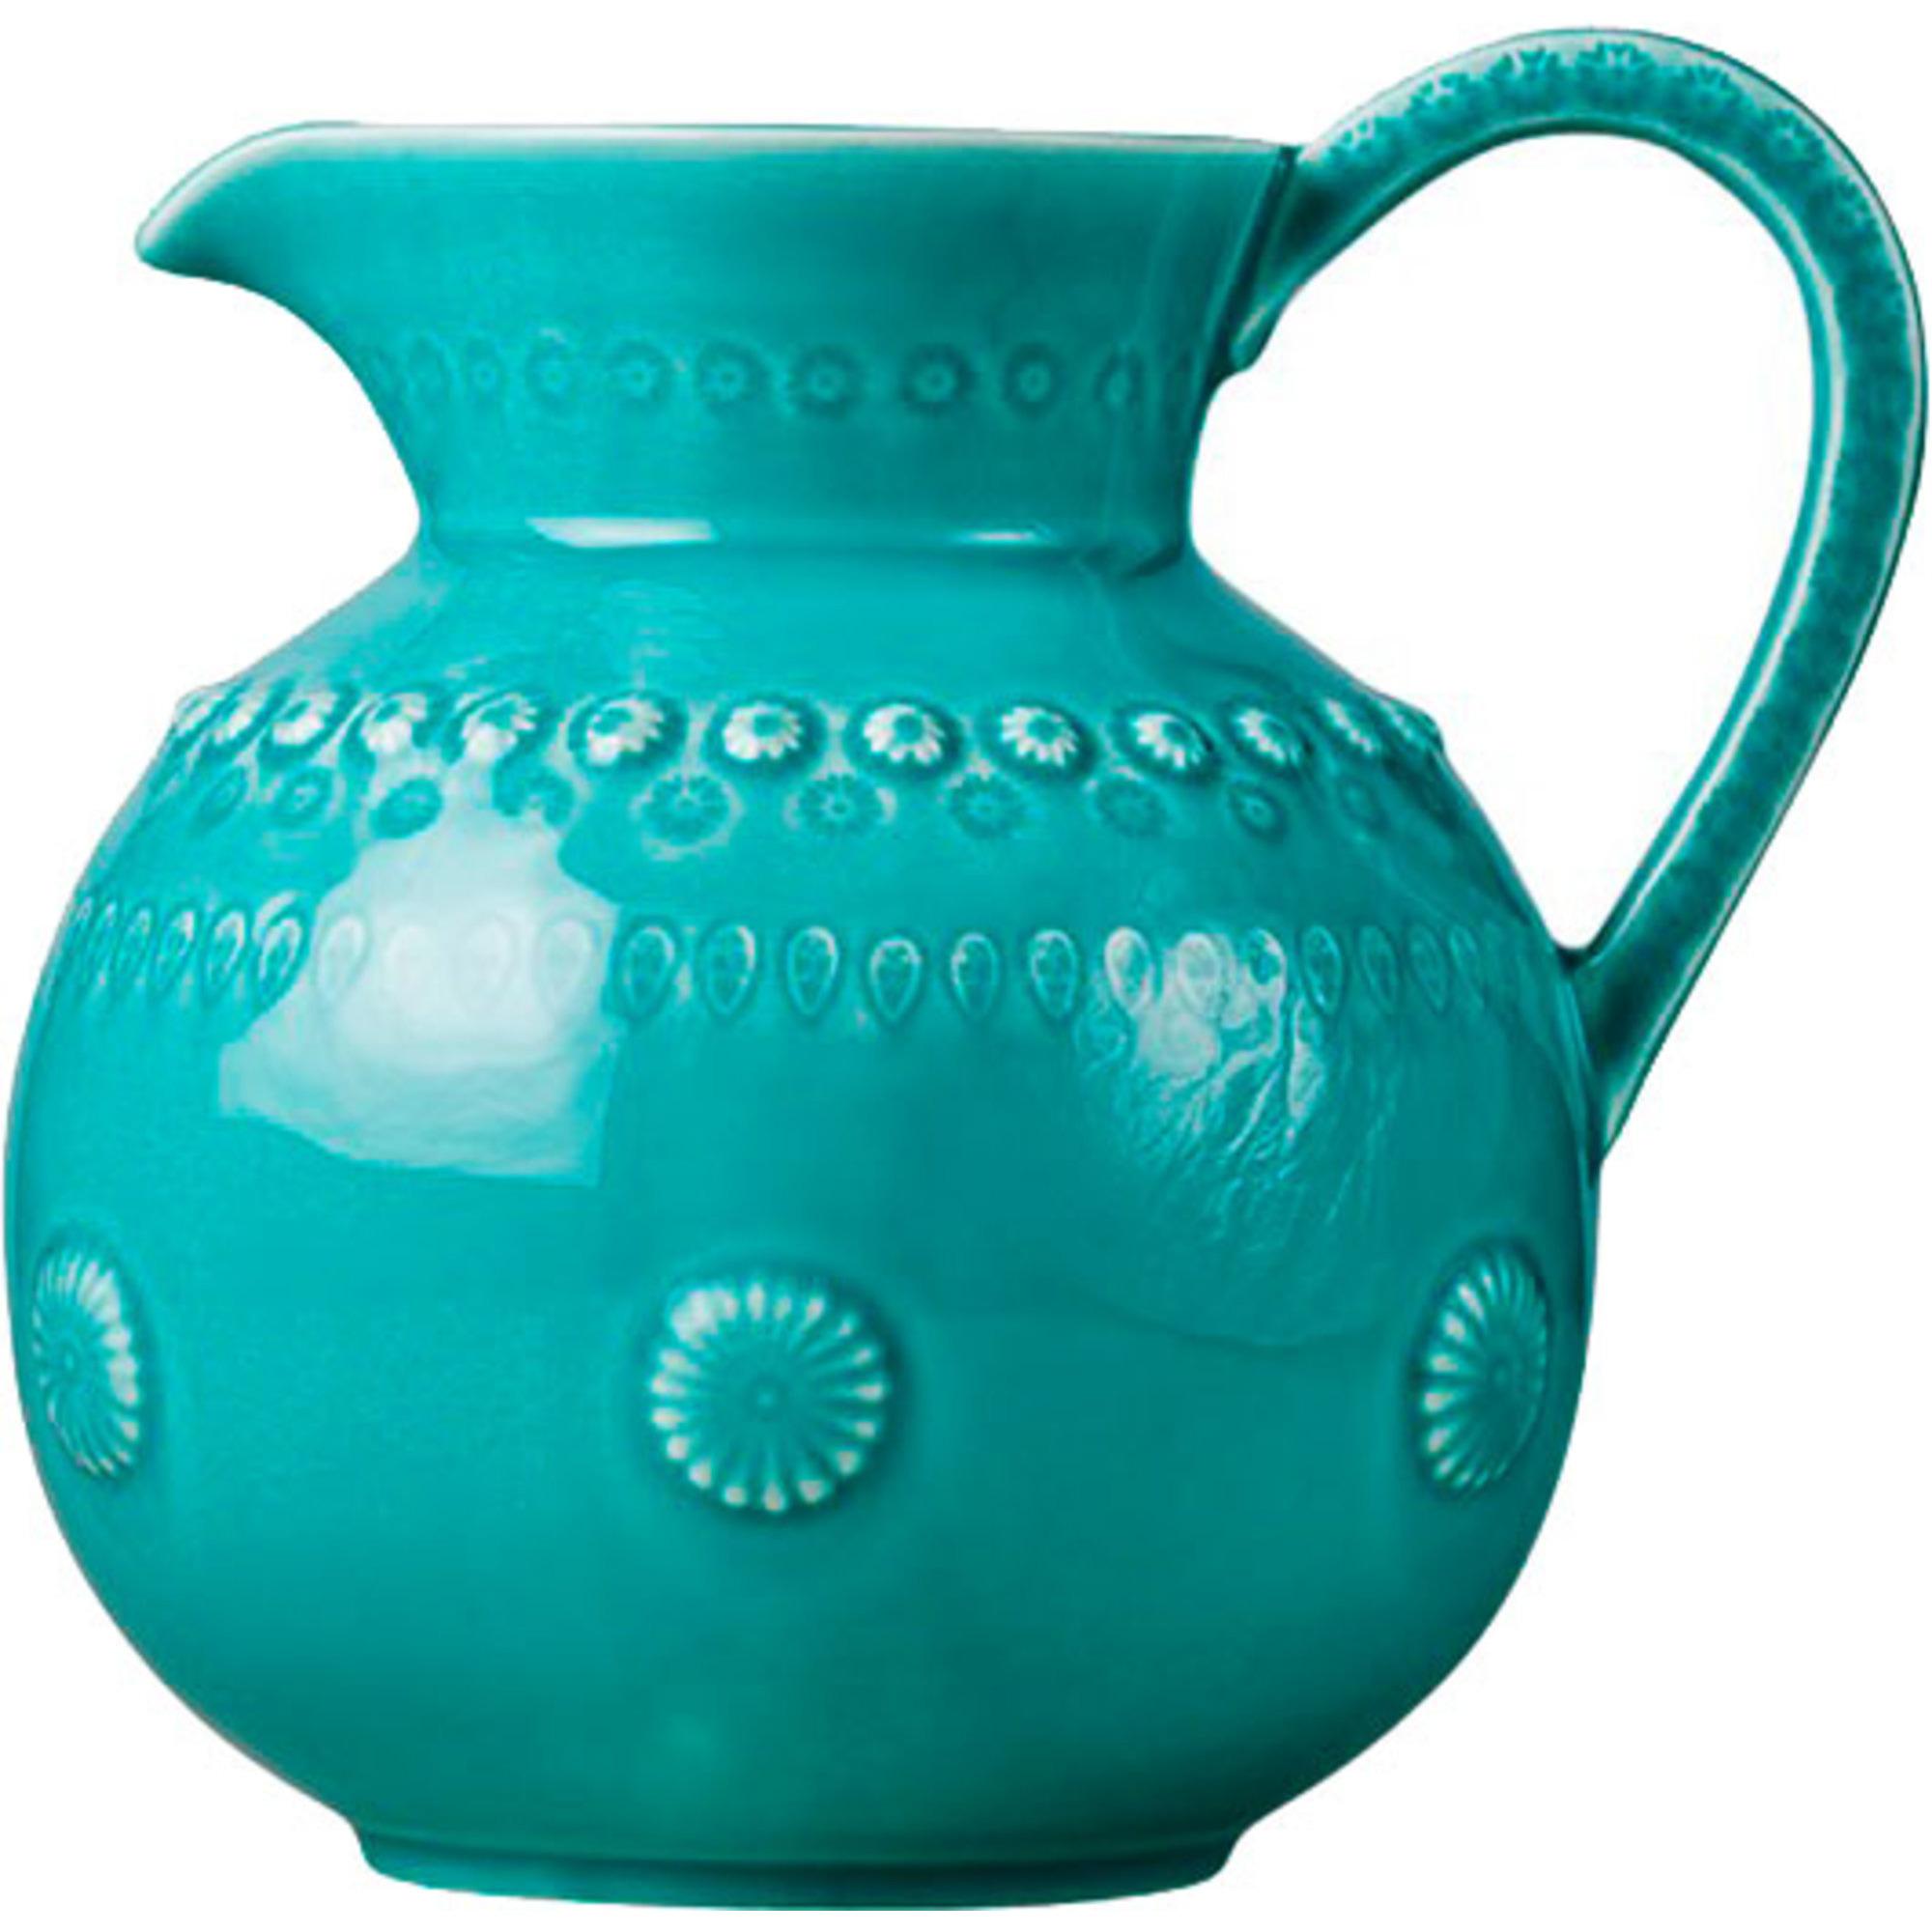 PotteryJo Daisy Kanna 1.8 L Turquoise